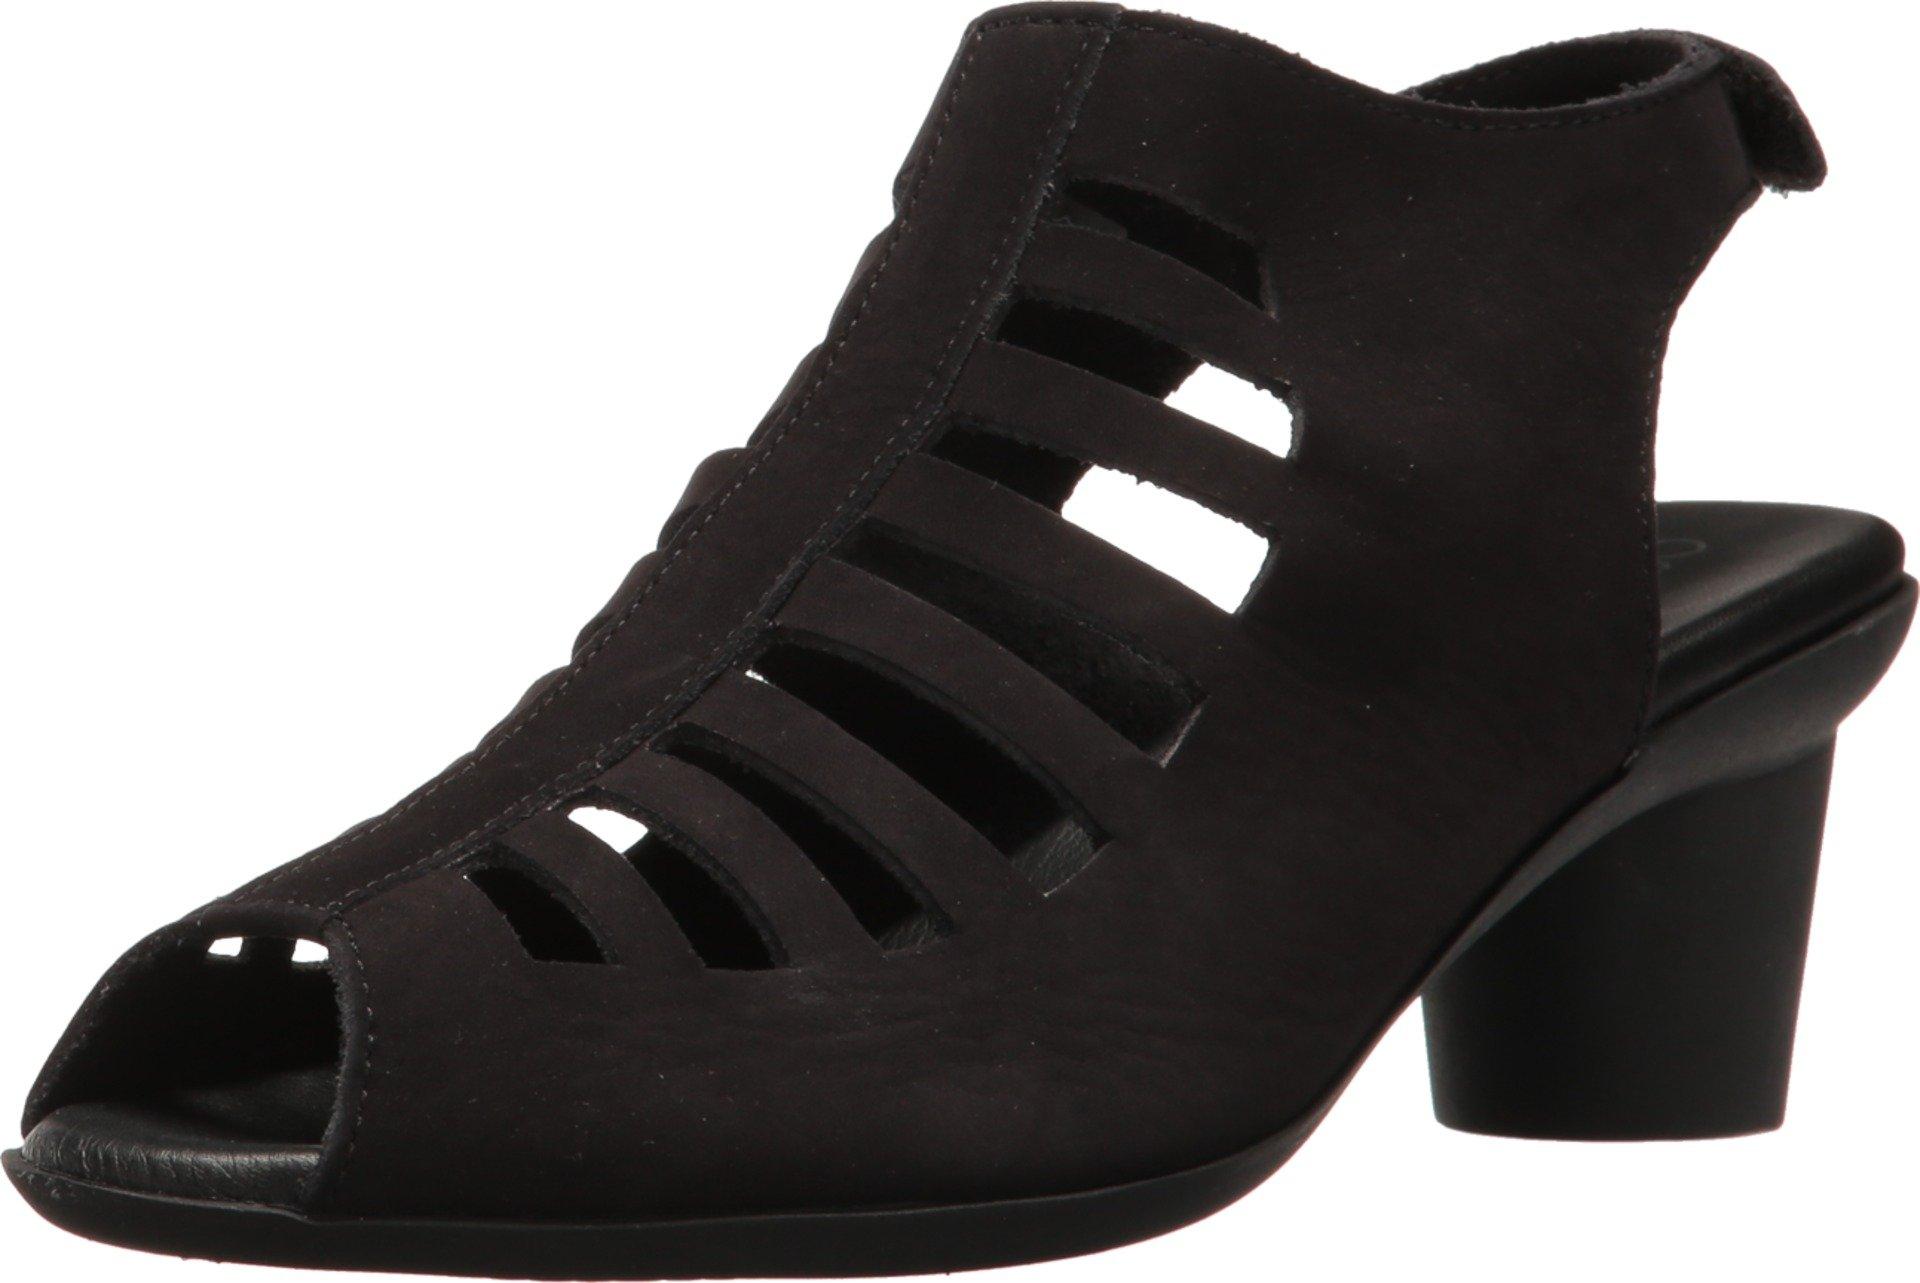 Arche Women's Elexor Noir Nubuck Shoe Size 40 M